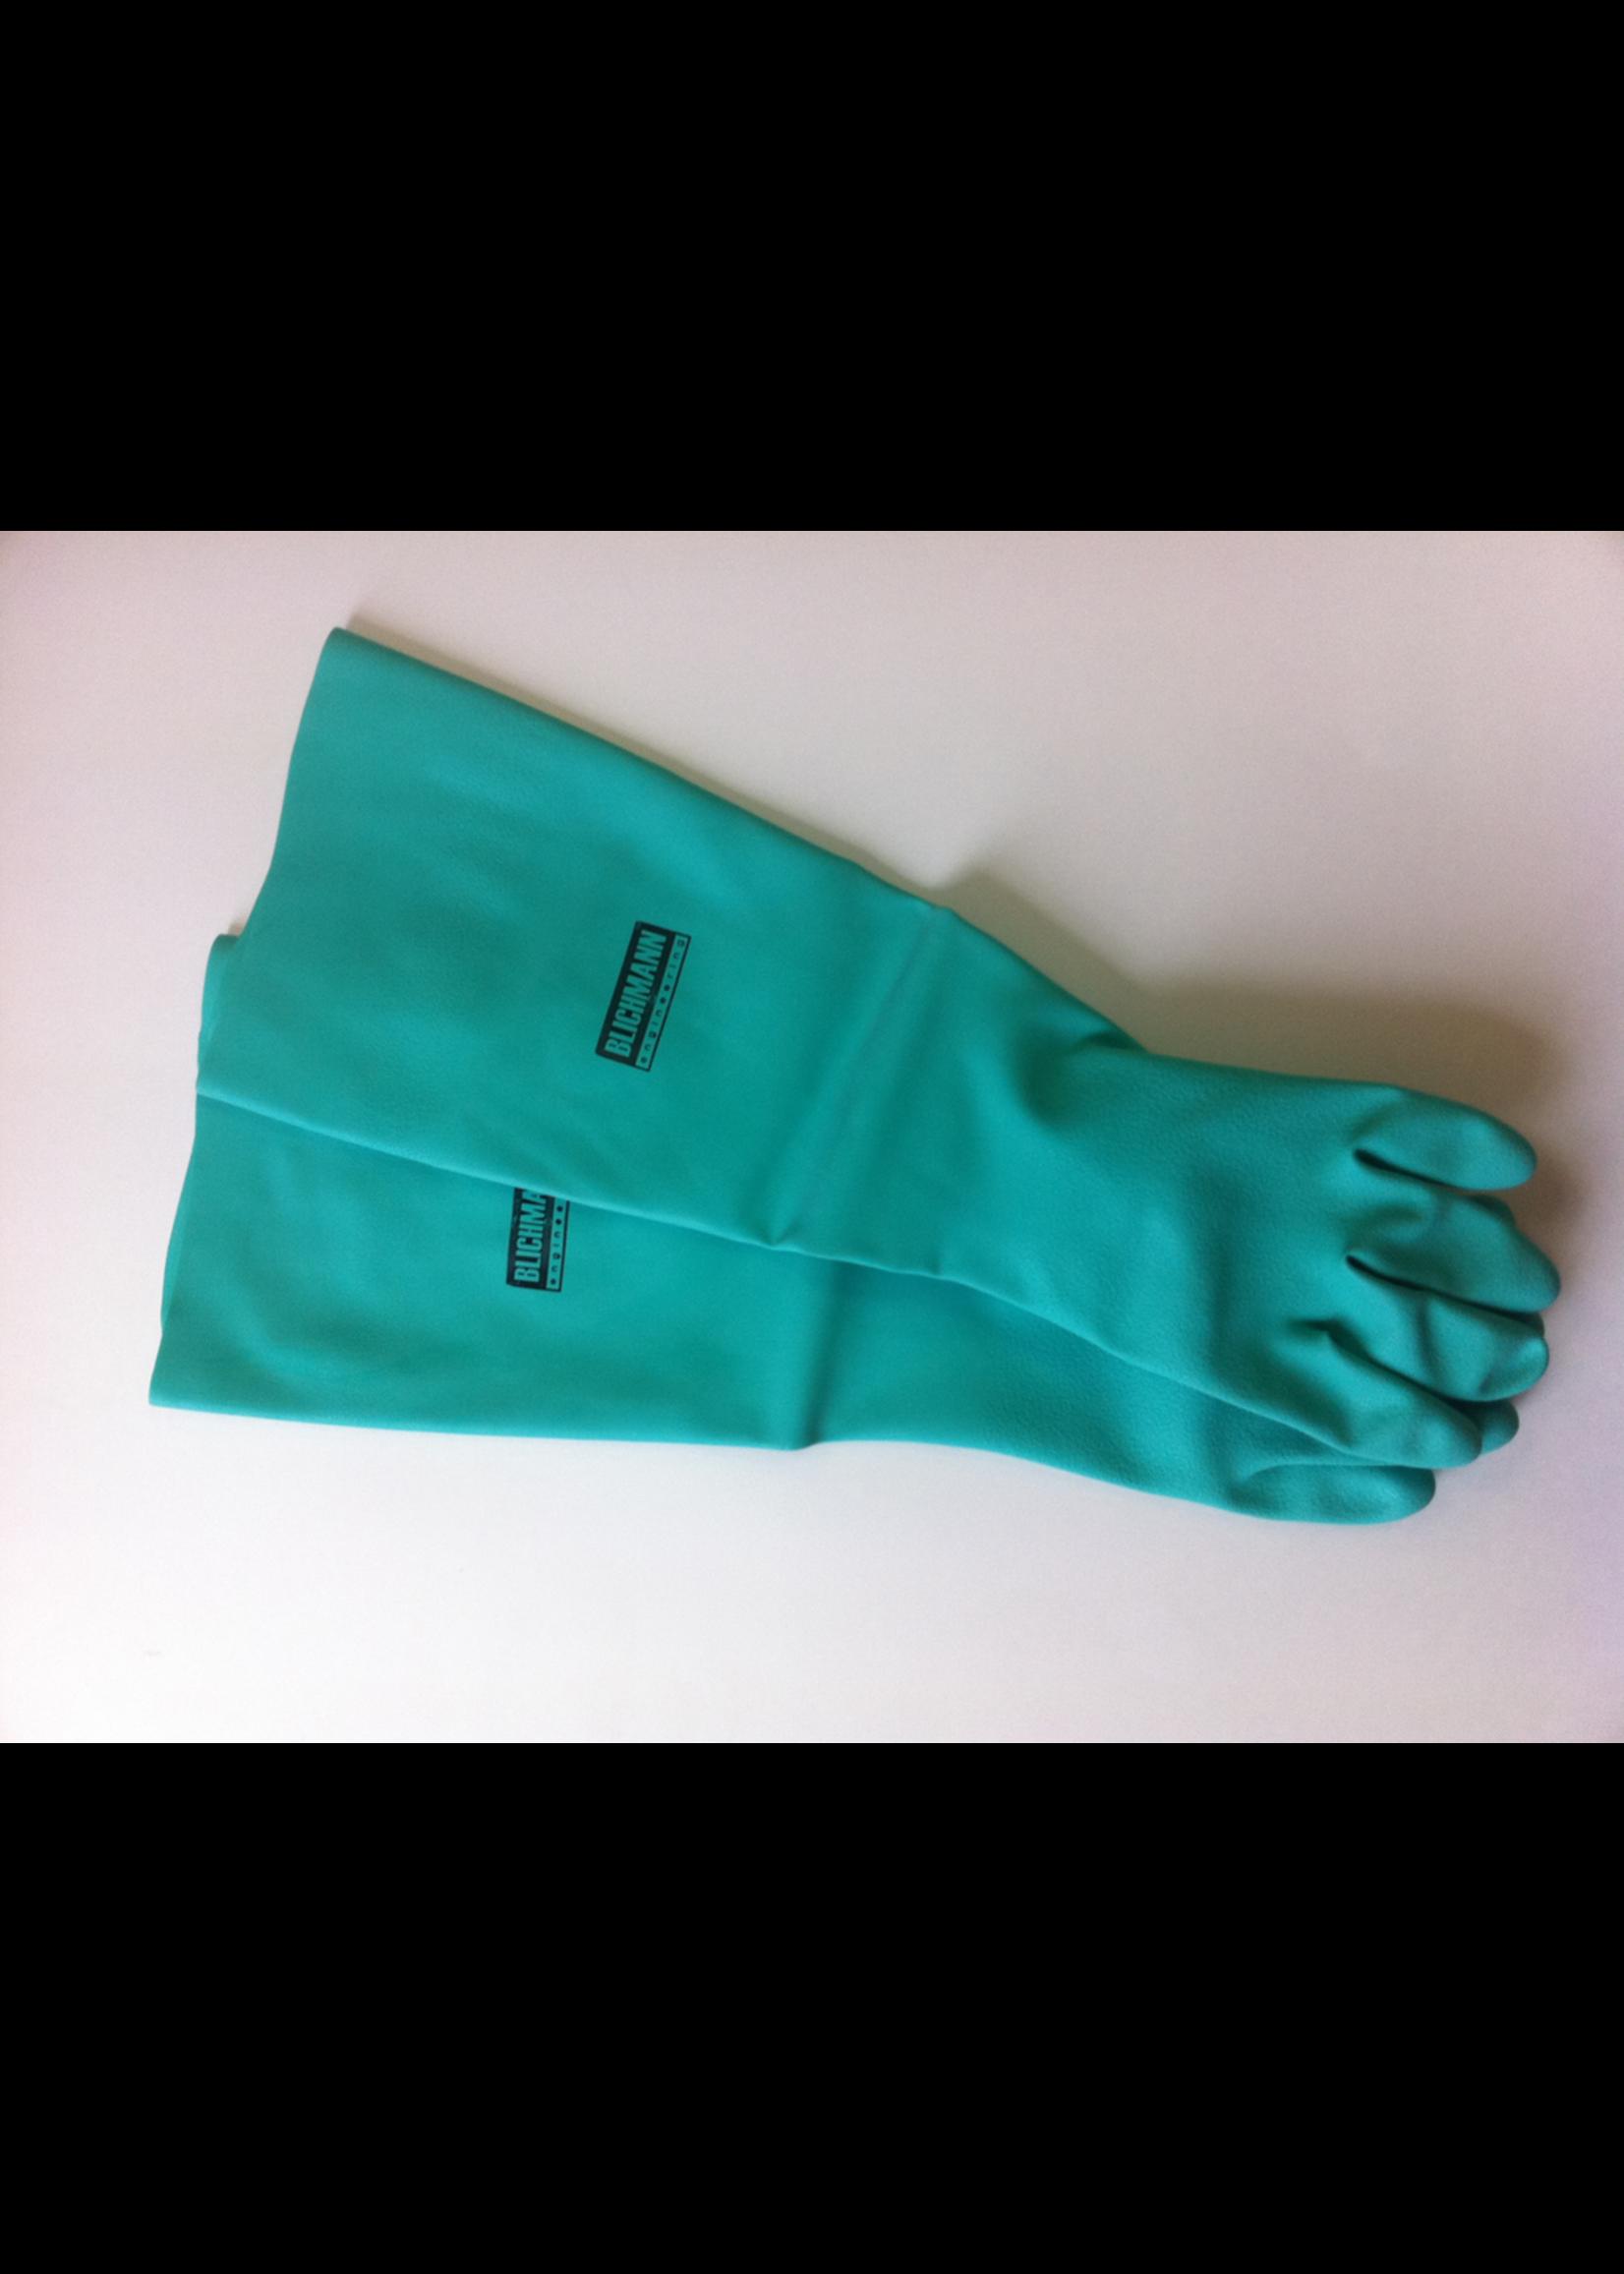 Blichmann Blichmann Premium Brewing Gloves - Extra Large